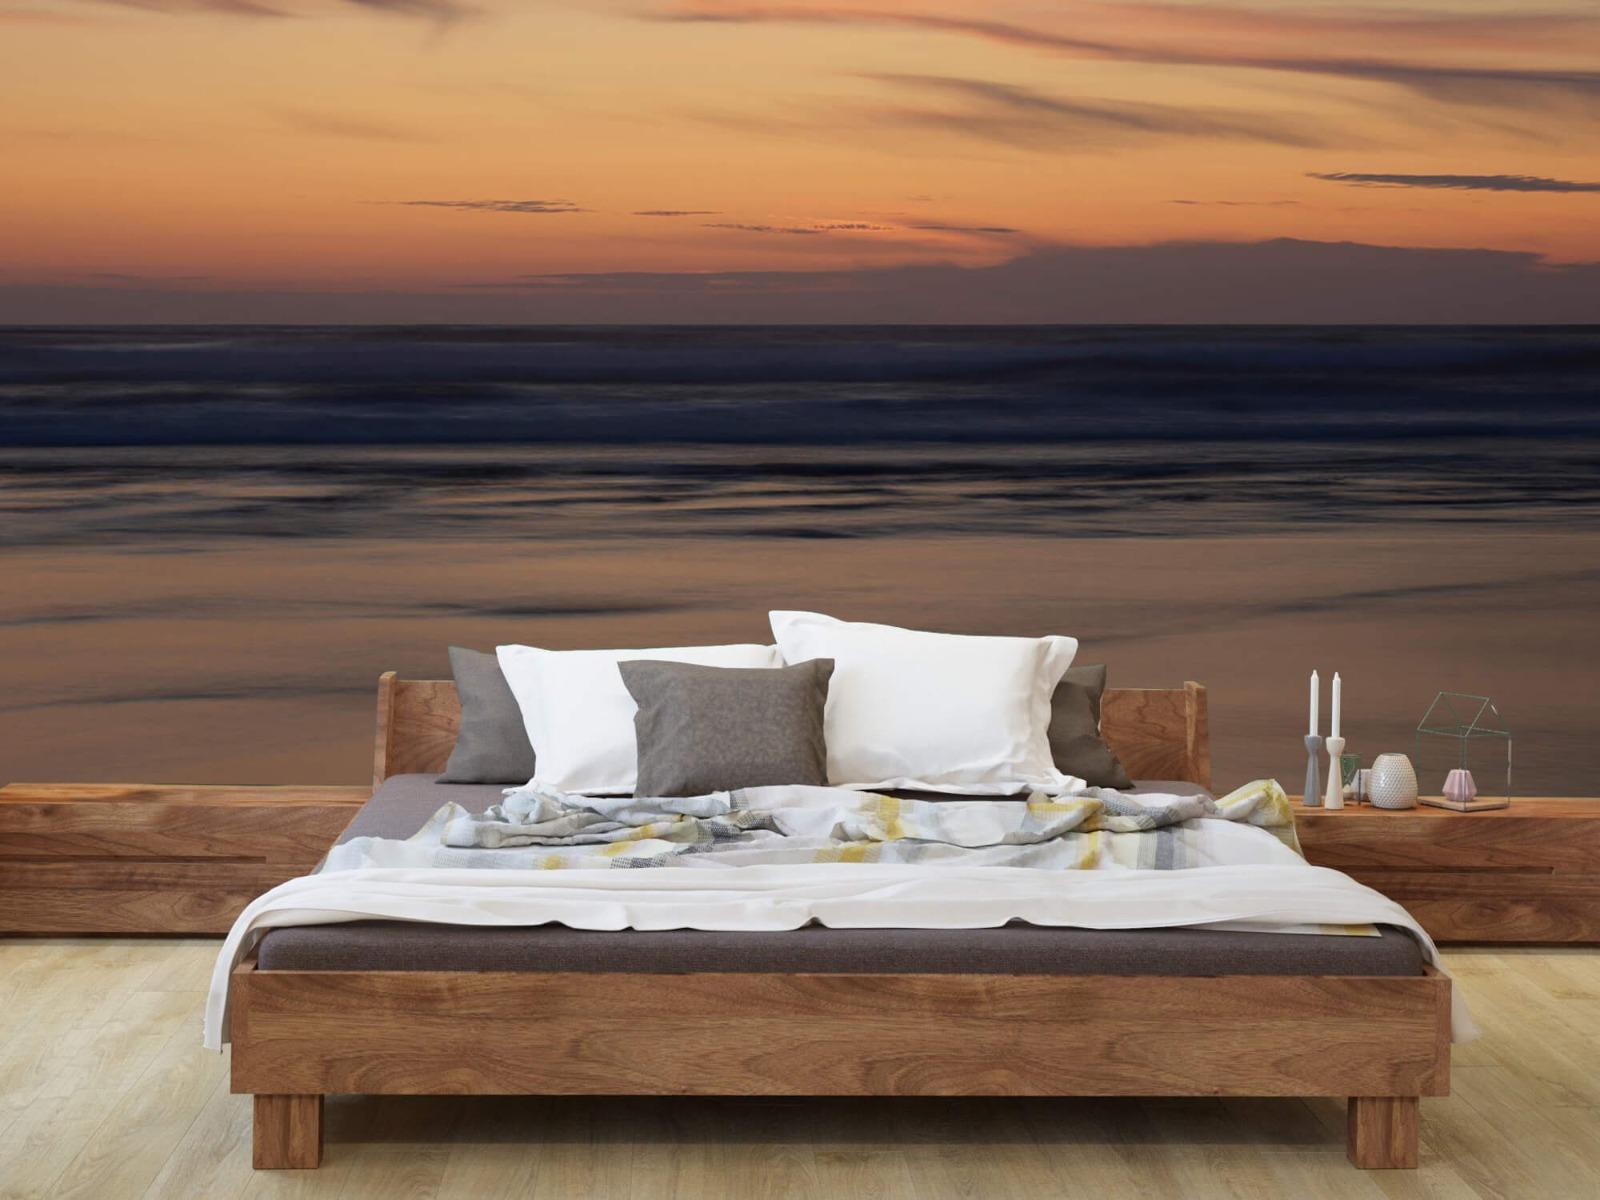 Zeeën en Oceanen - Zonsondergang aan de kust - Slaapkamer 7